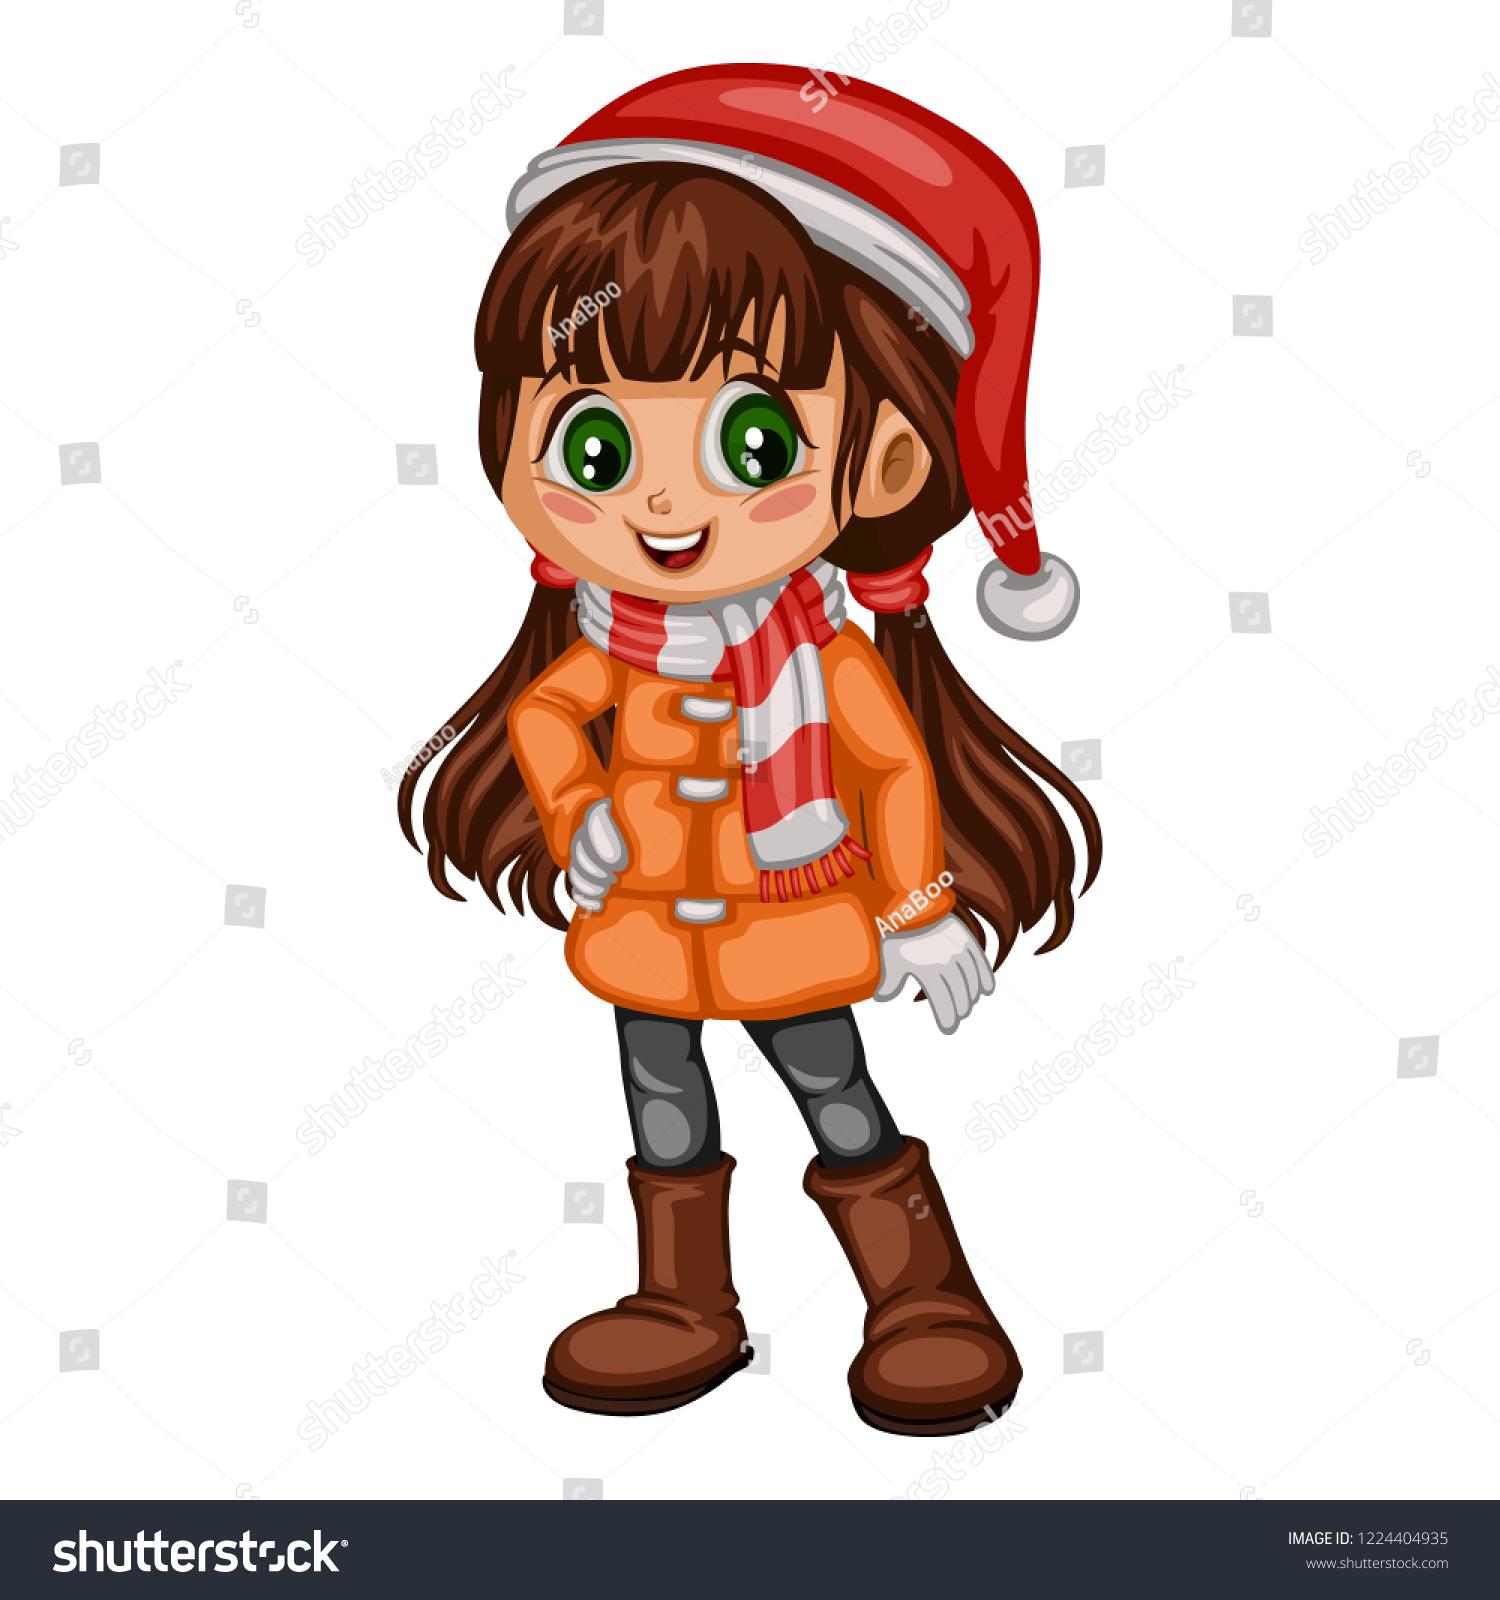 8e638dfc2 Cute Cartoon Girl Winter Clothes Coat Stock Vector (Royalty Free ...